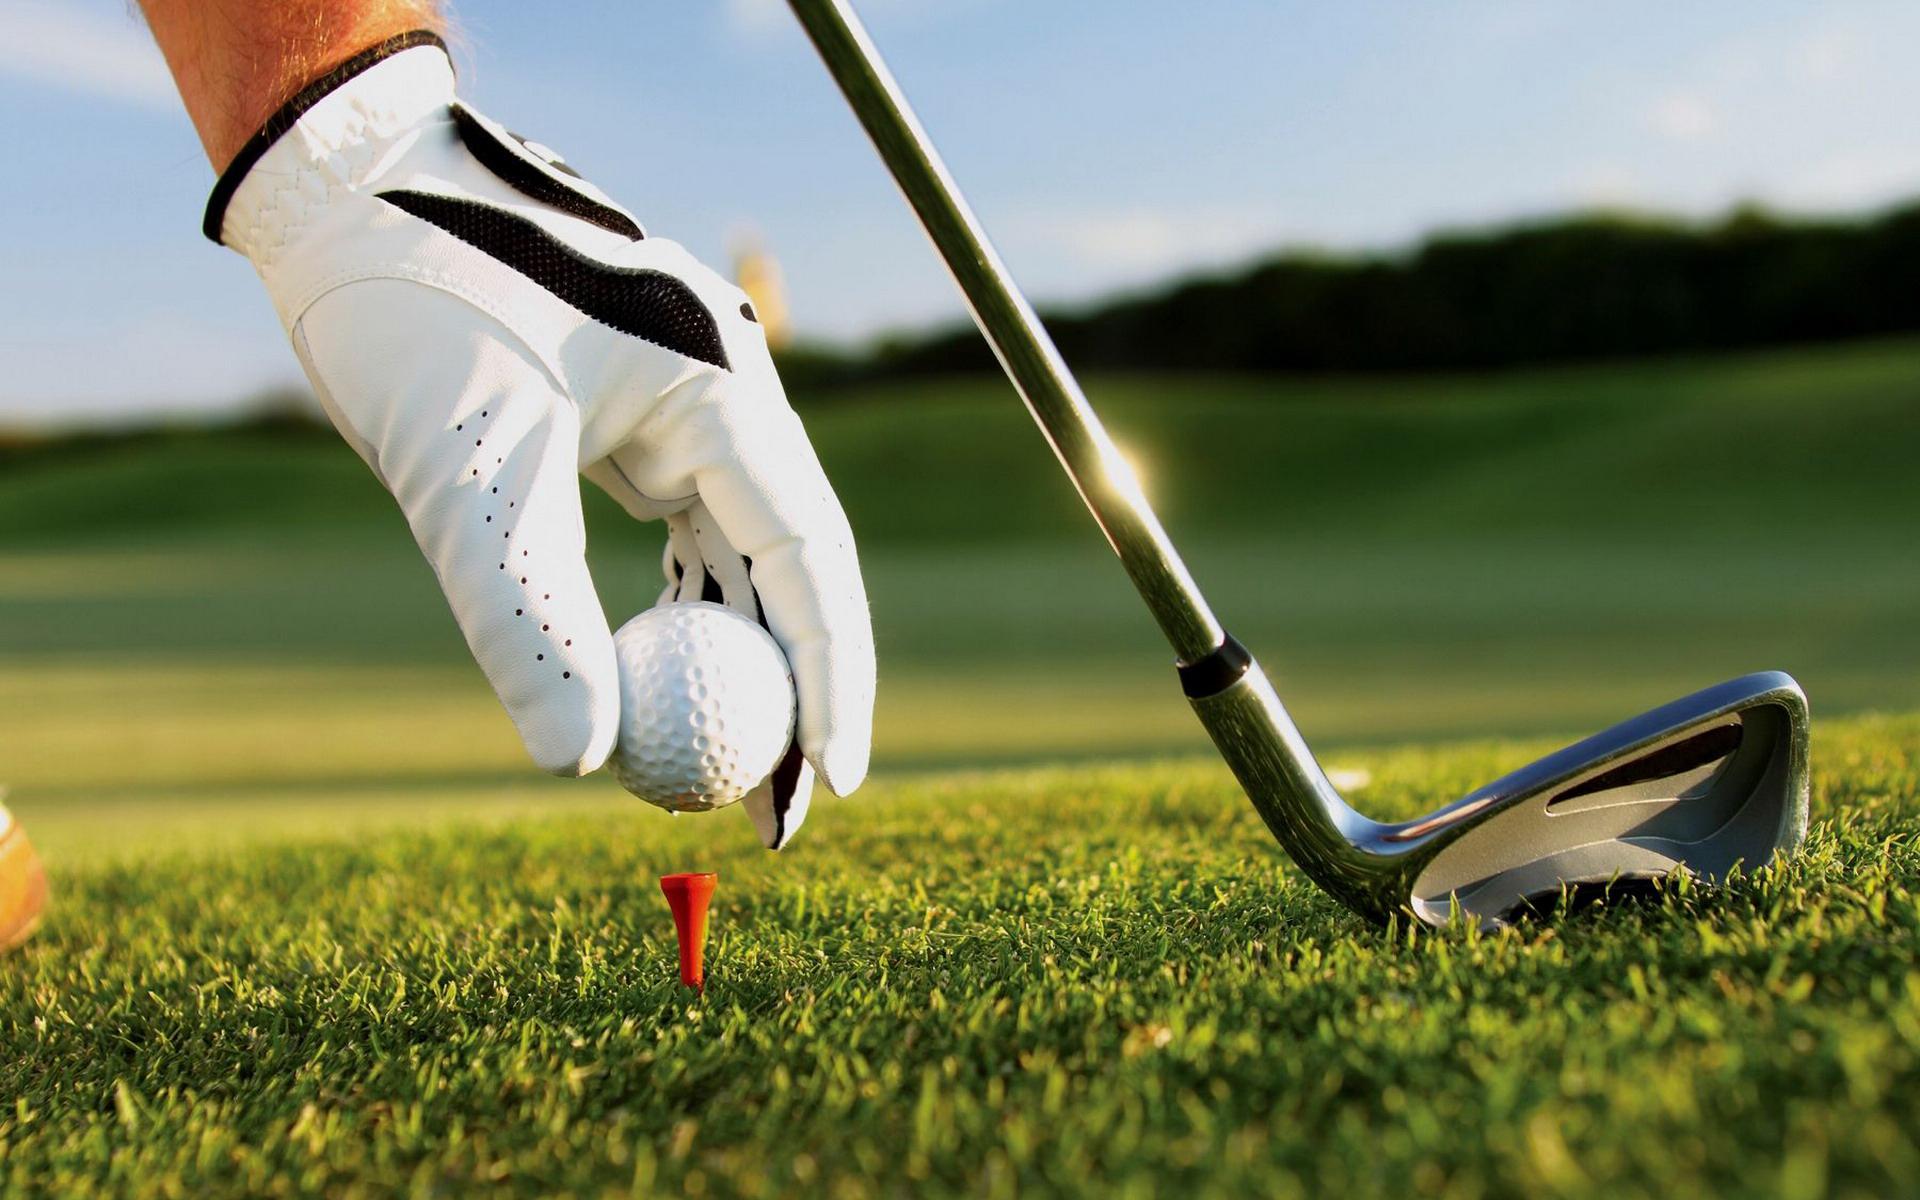 Campo de Golfe do Rio 2016 será palco do Aberto do Brasil